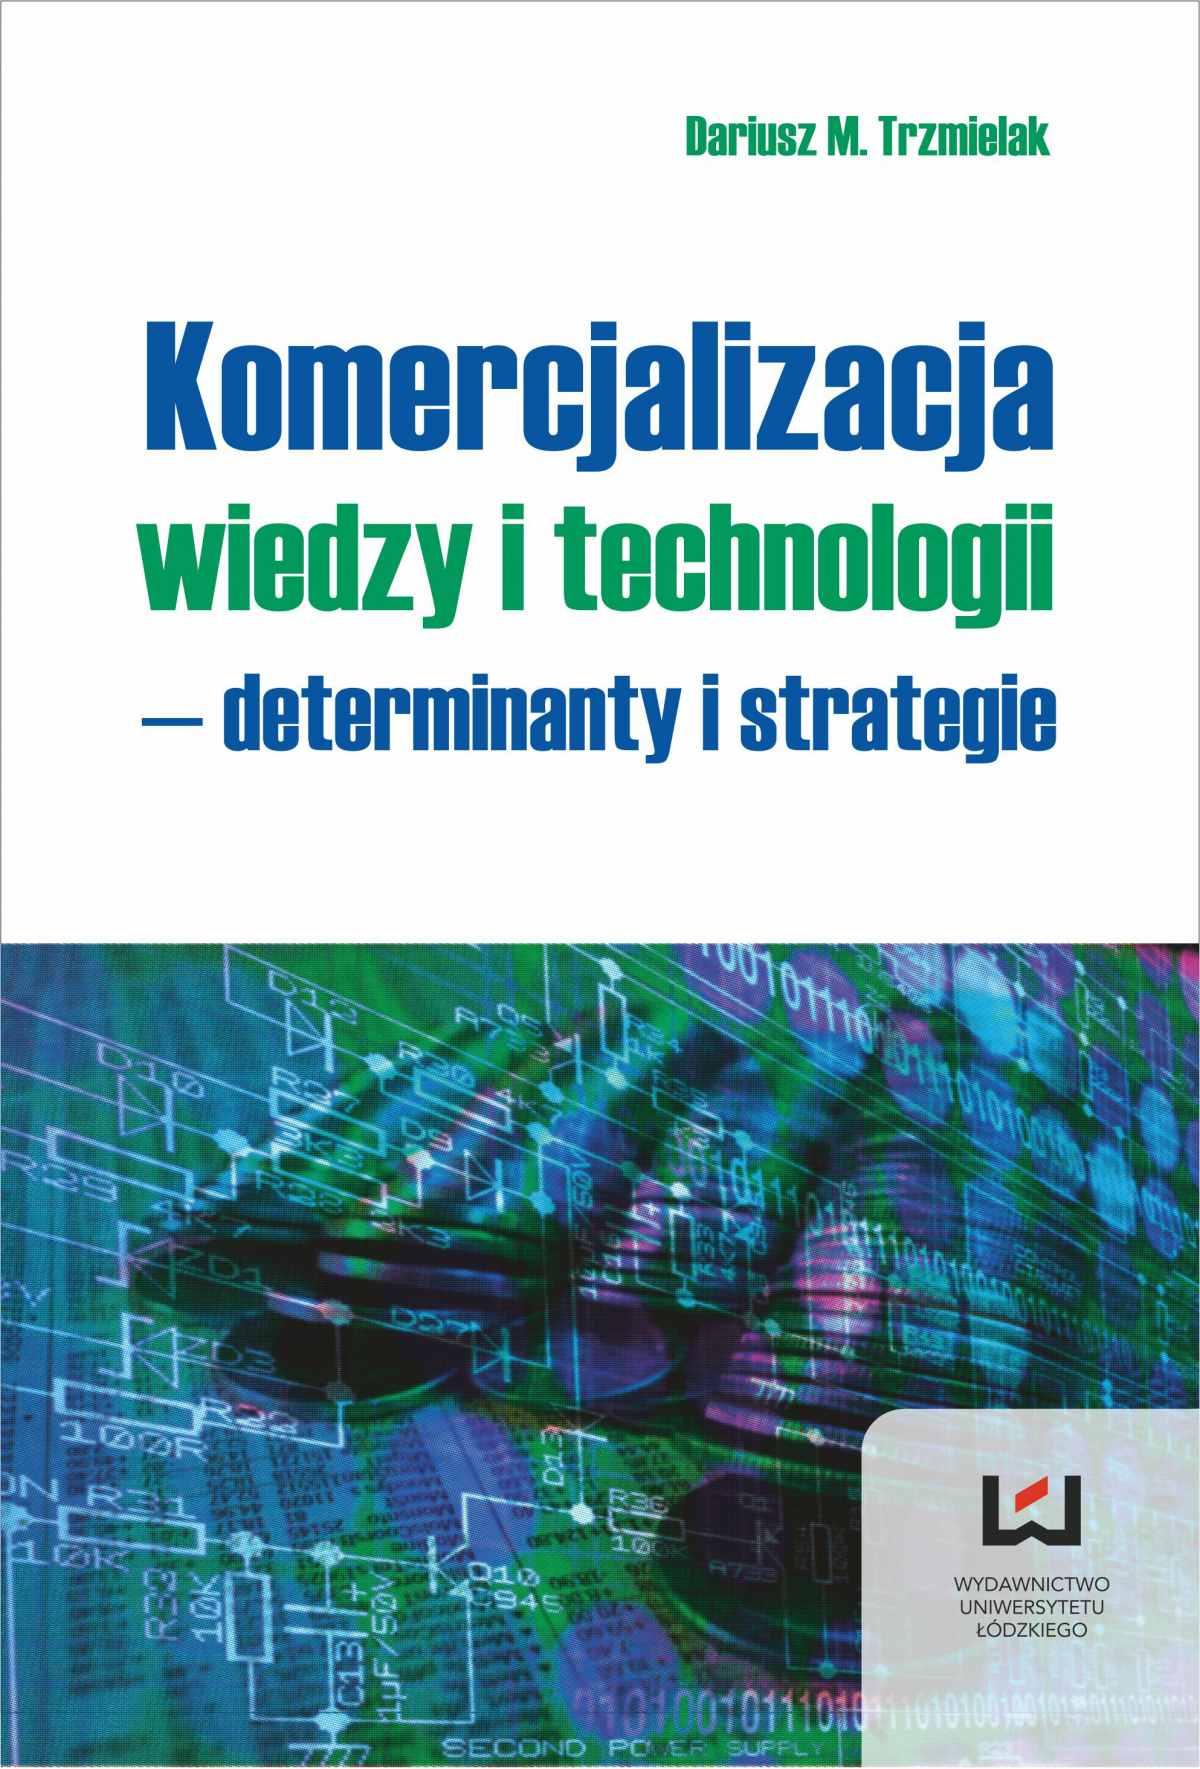 Komercjalizacja wiedzy i technologii - determinanty i strategie - Ebook (Książka PDF) do pobrania w formacie PDF